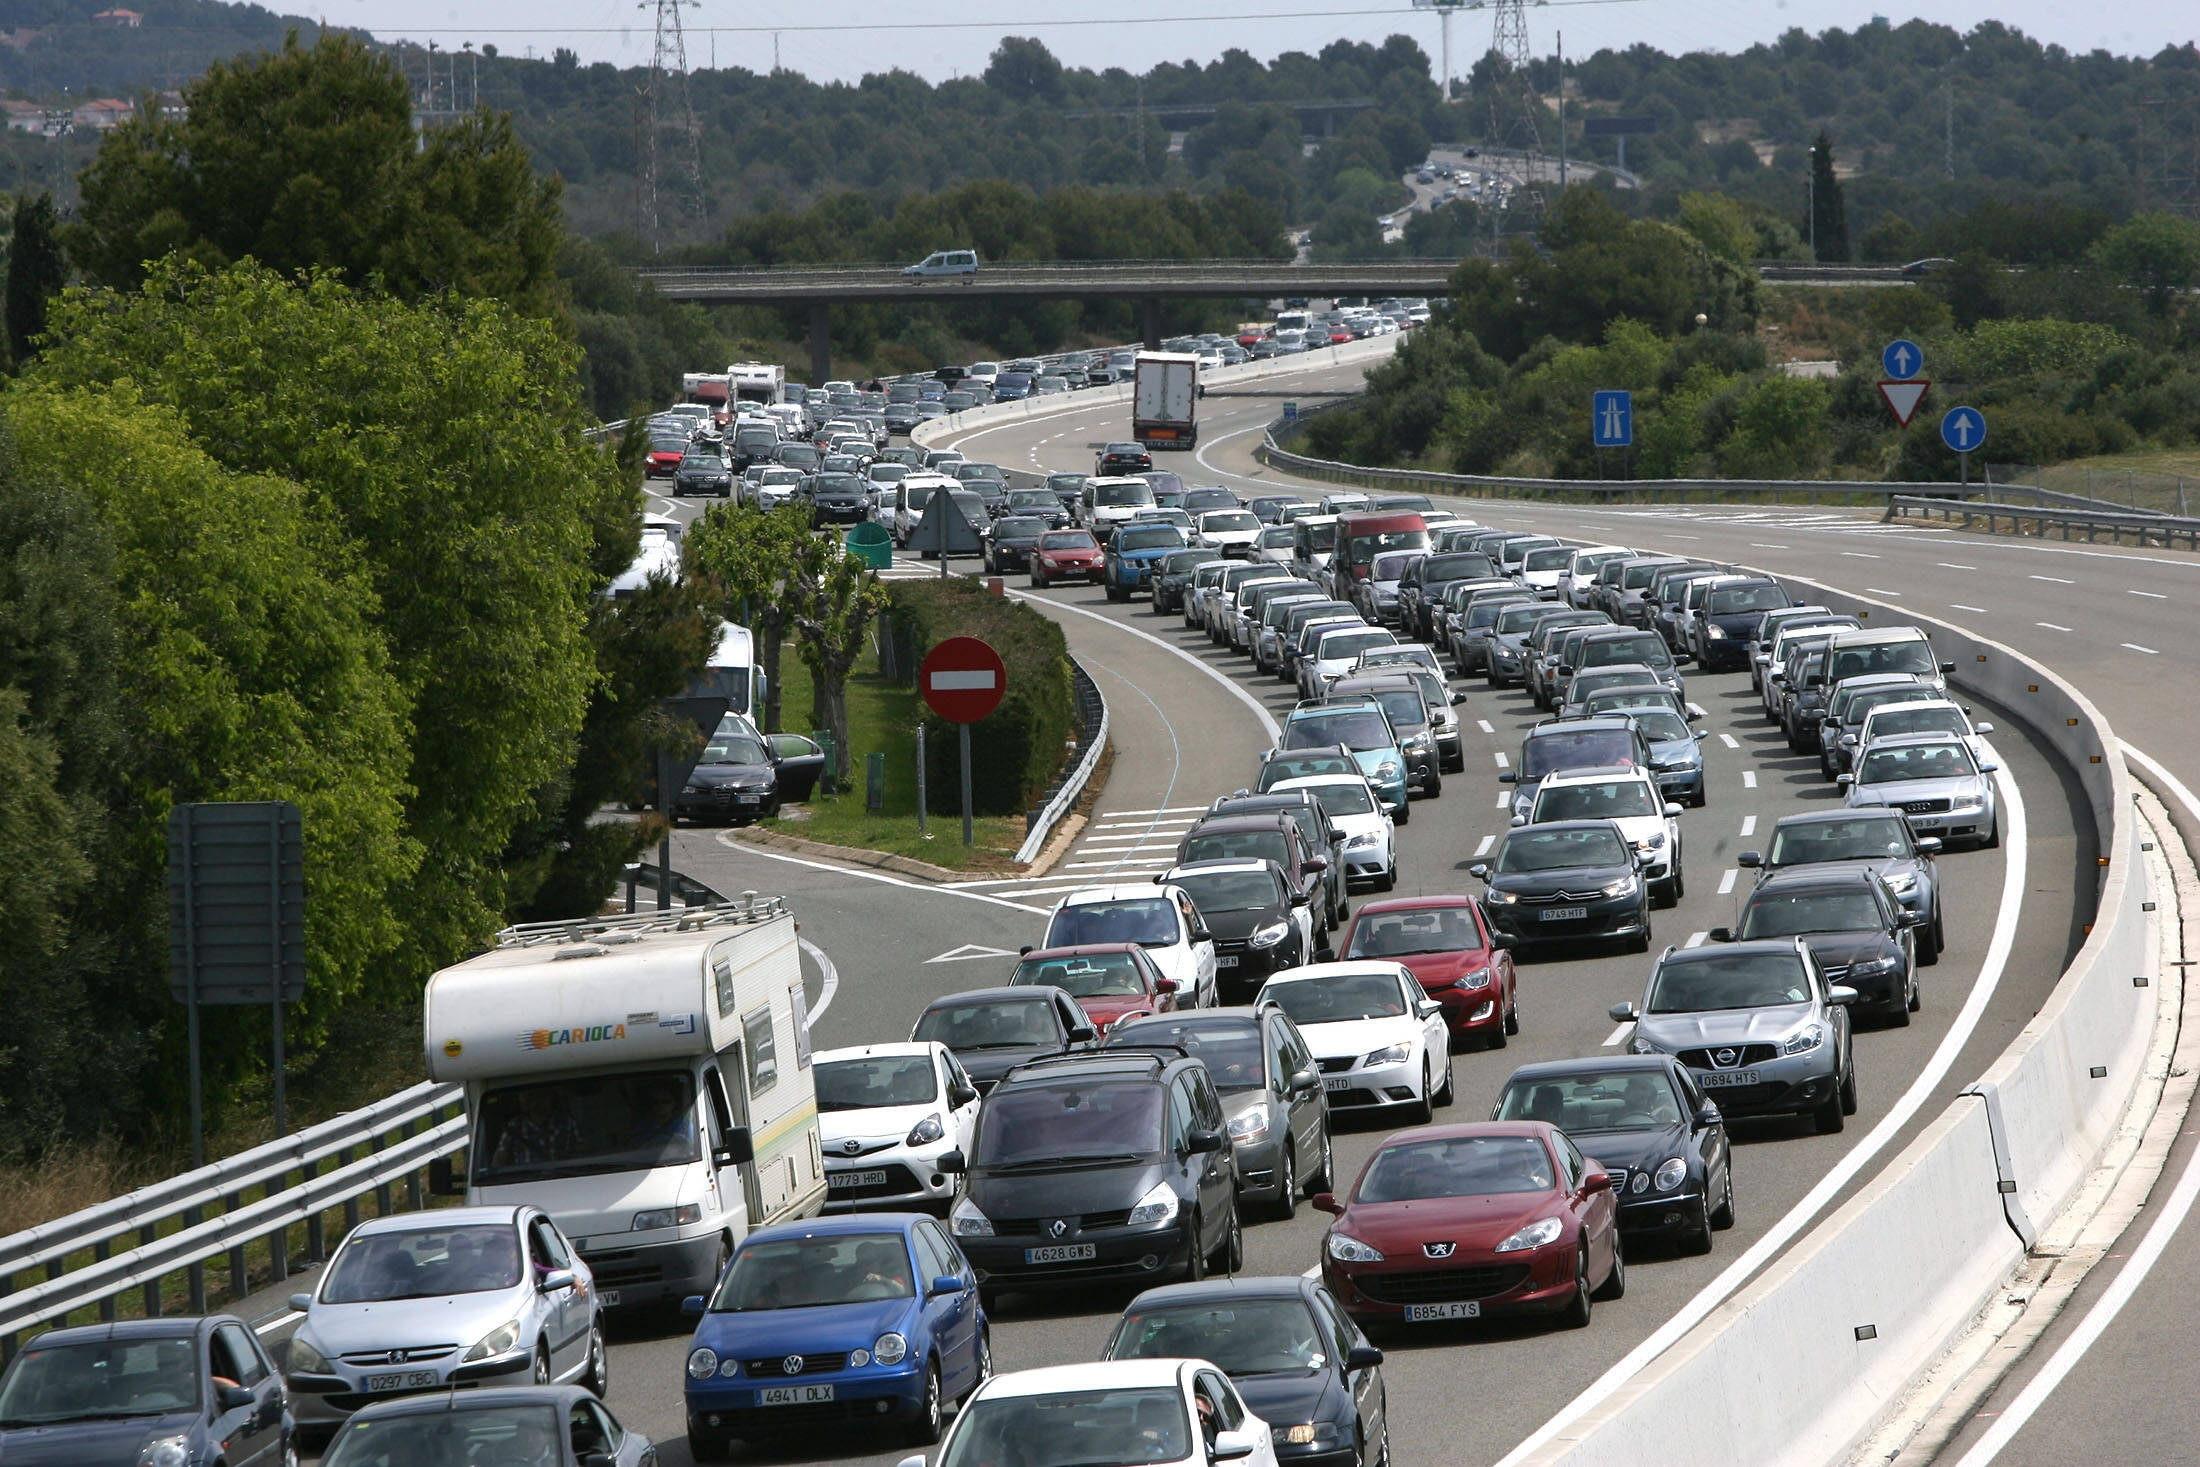 La cifra de muertos en carreteras asciende a 32 hasta la pasada medianoche